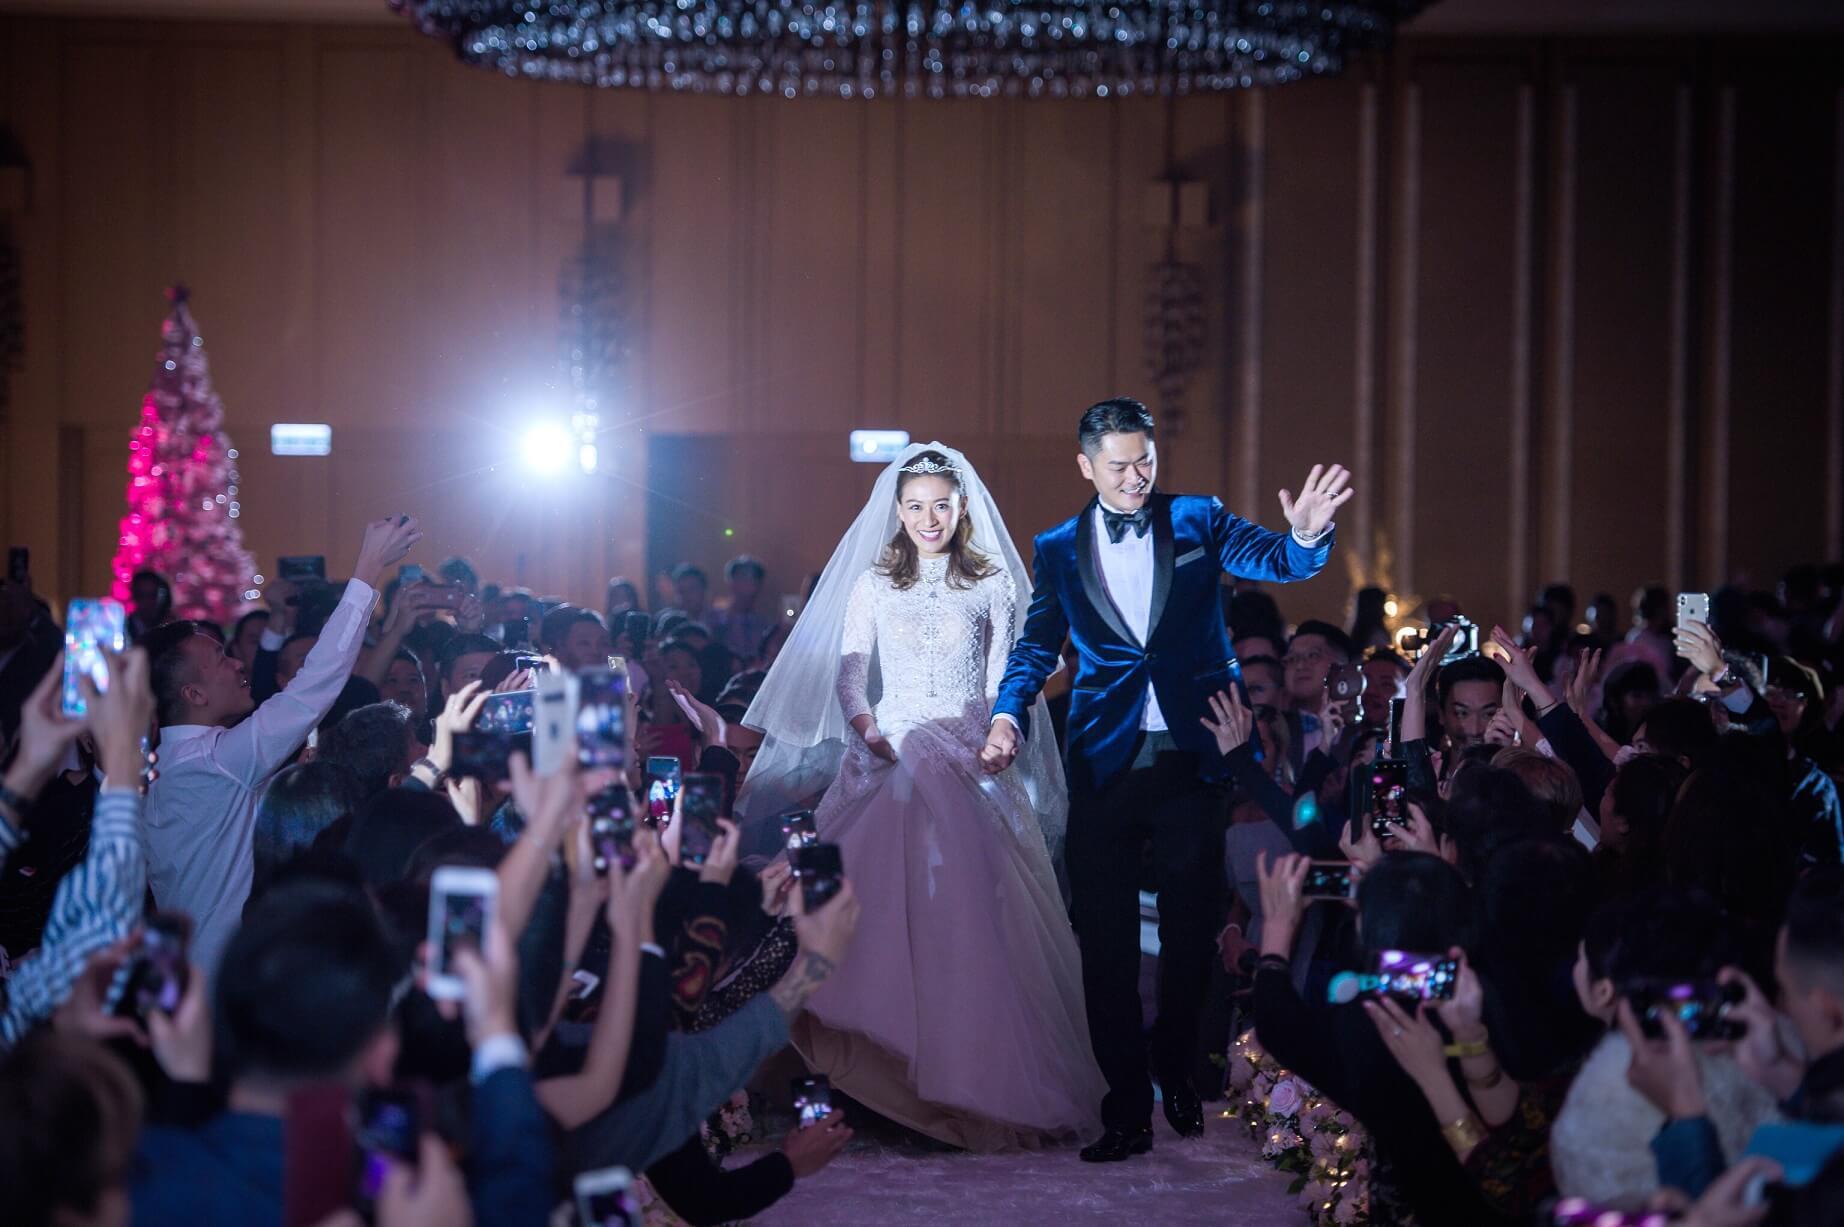 江若琳為給老公驚喜,刻意保密婚紗款式,當她出場時,老公忍不住流下男兒淚。